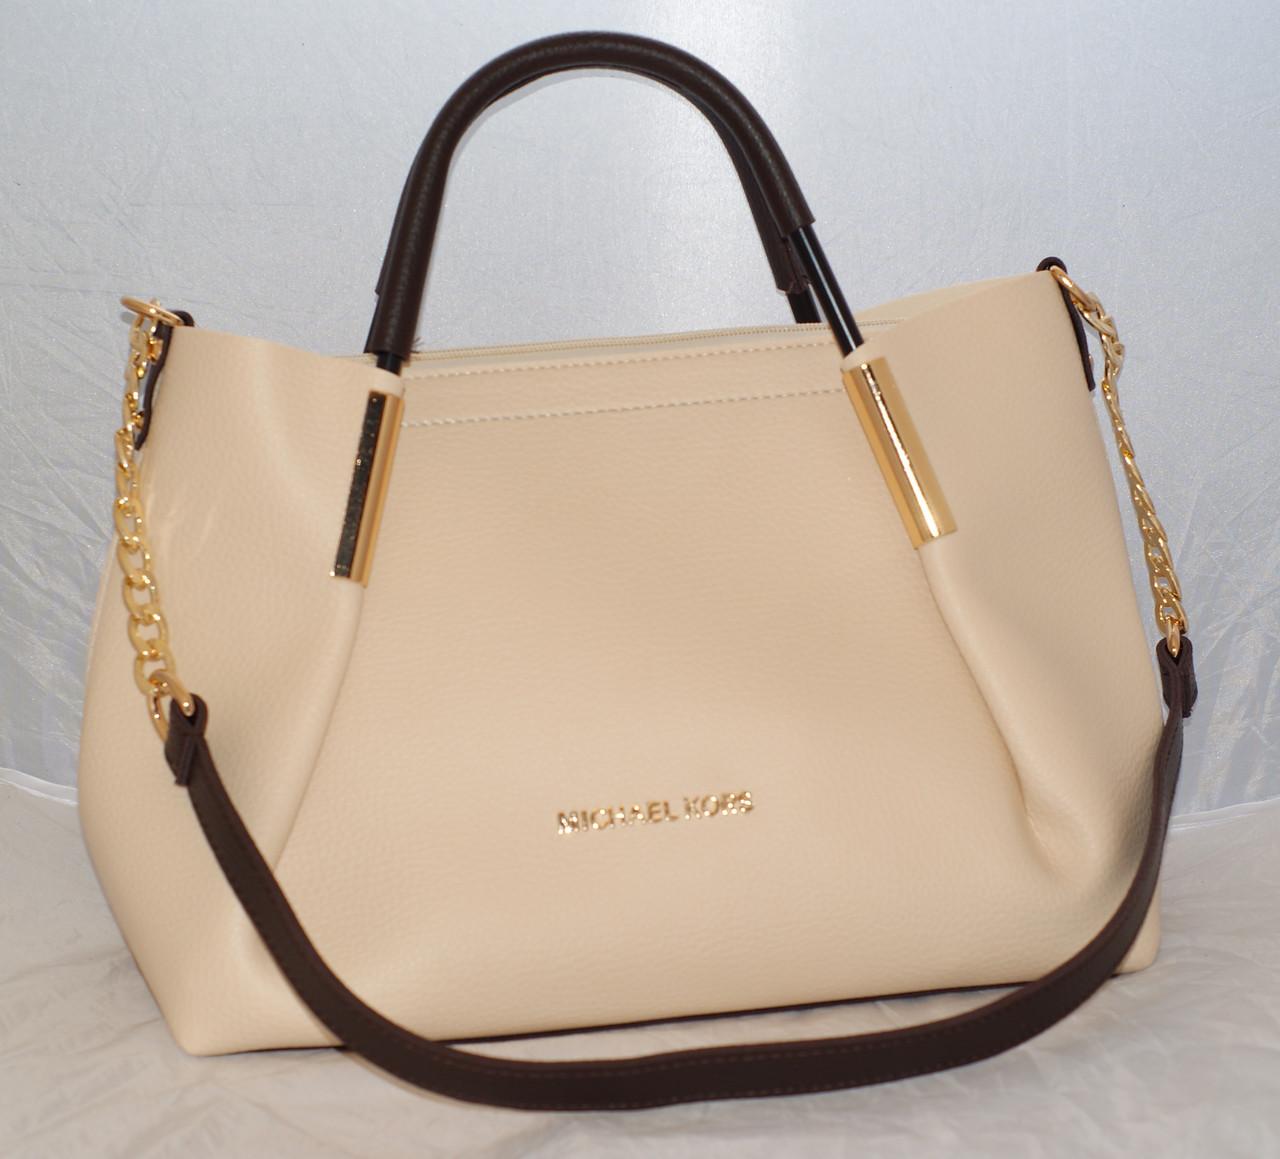 cd505aa73a5a Женская сумка с косметичкой Michael Kors, бежевая с коричневыми ручками